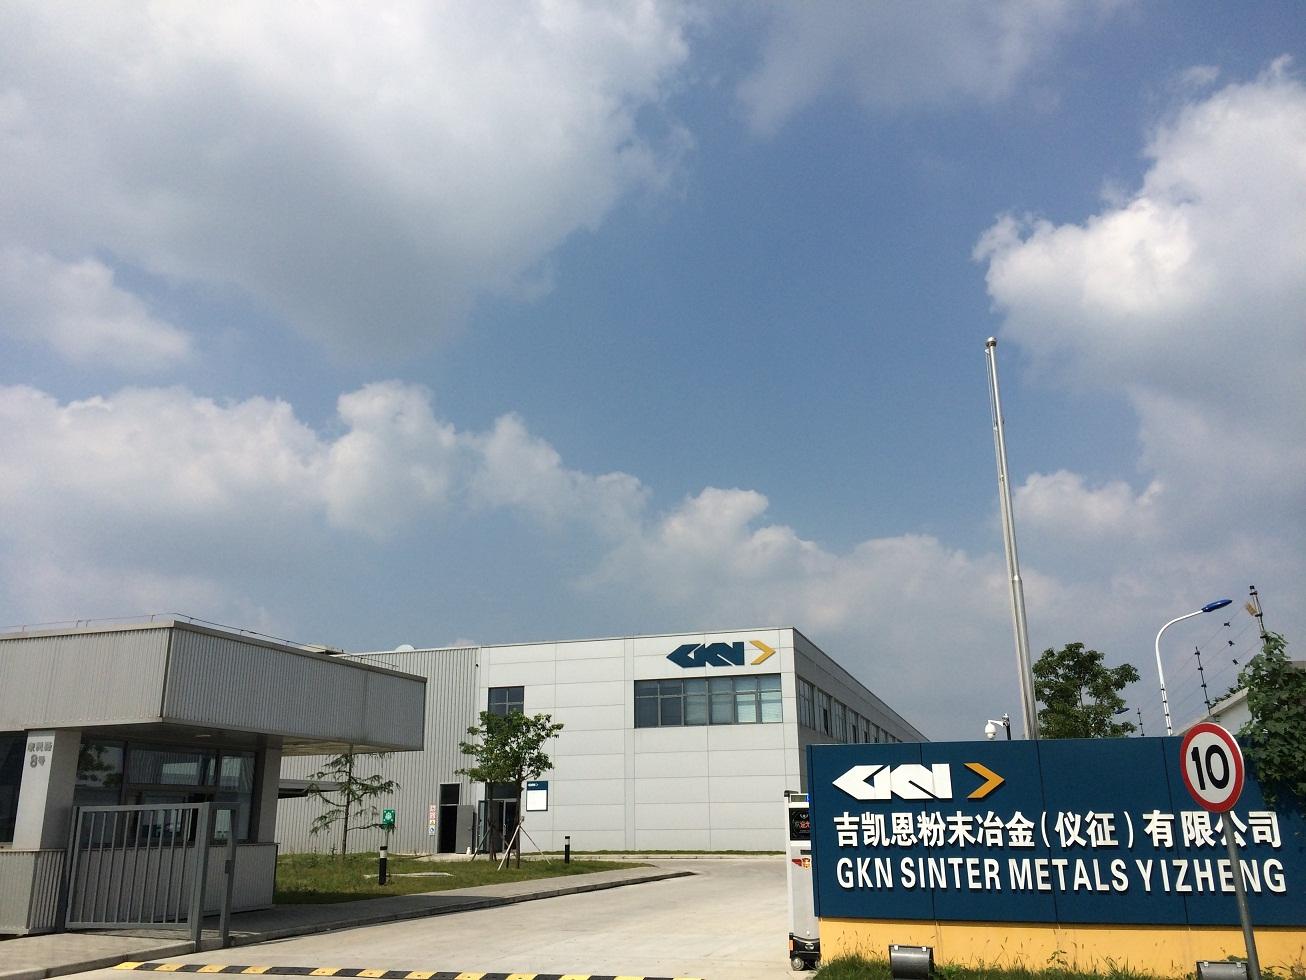 吉凯恩粉末冶金中国